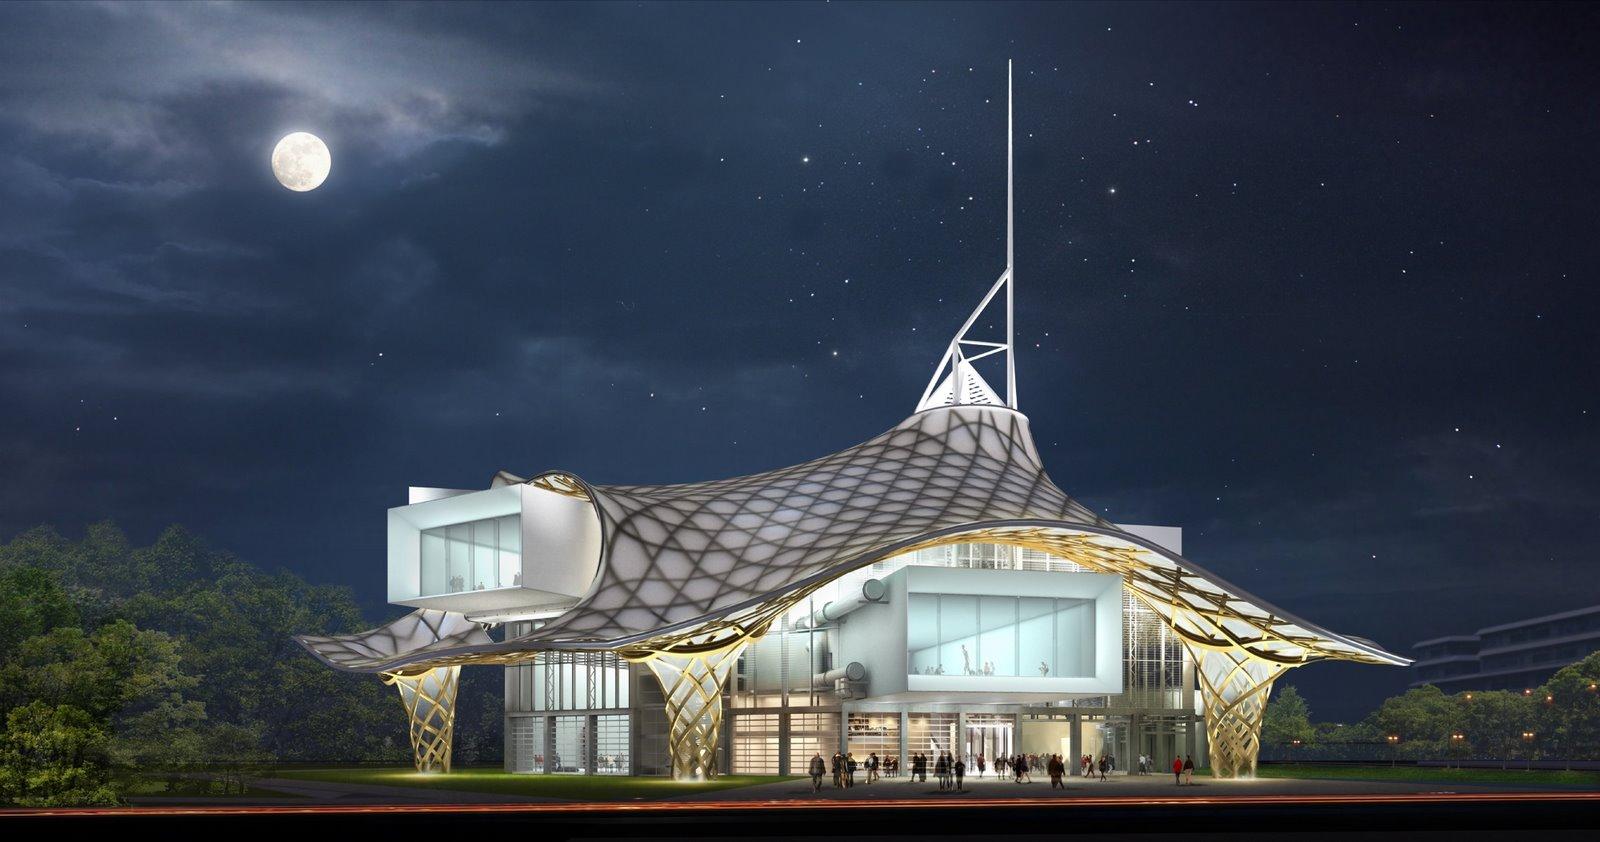 Renzo piano il mestiere dell 39 architetto d 39 avventura for Architetto italiano famoso